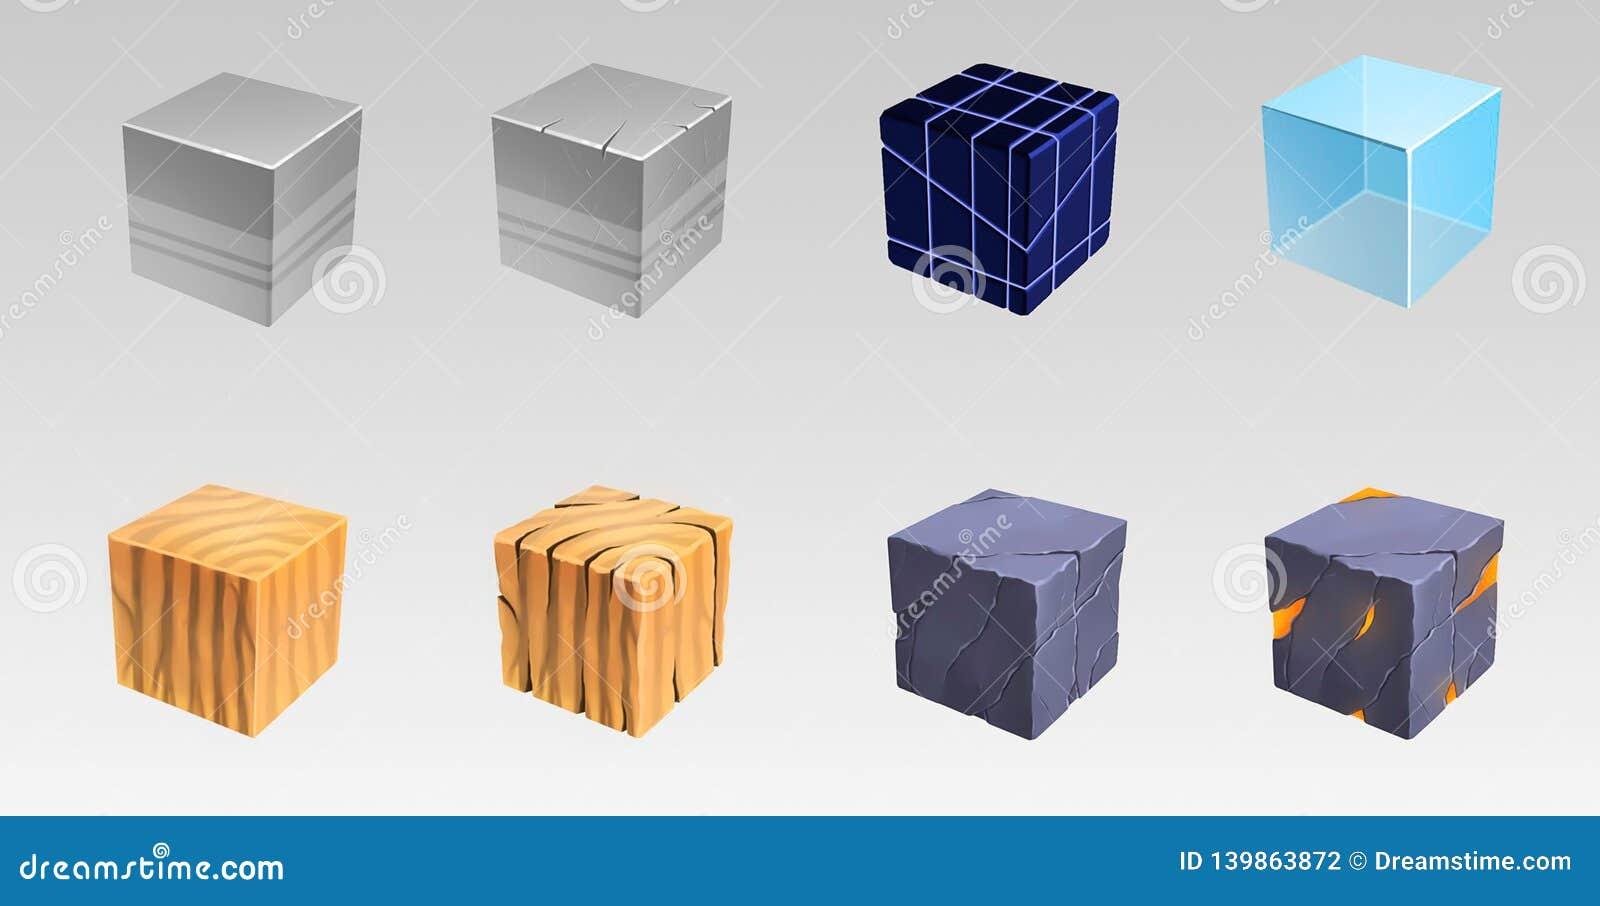 Κύβοι από πολλά υλικά Απεικόνιση τέχνης